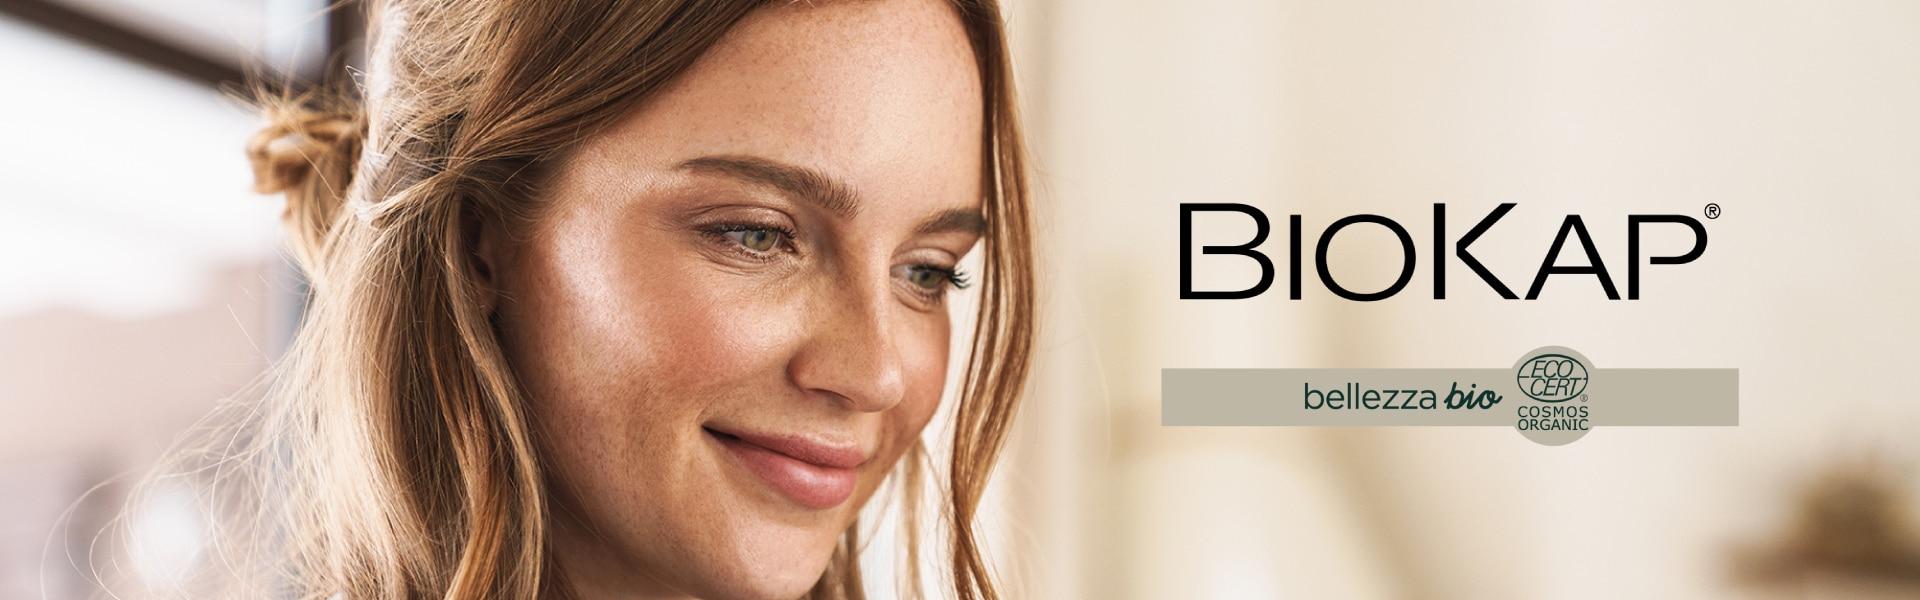 Shampooing naturel bio pour purifier les cheveux - Bellezza BioKap